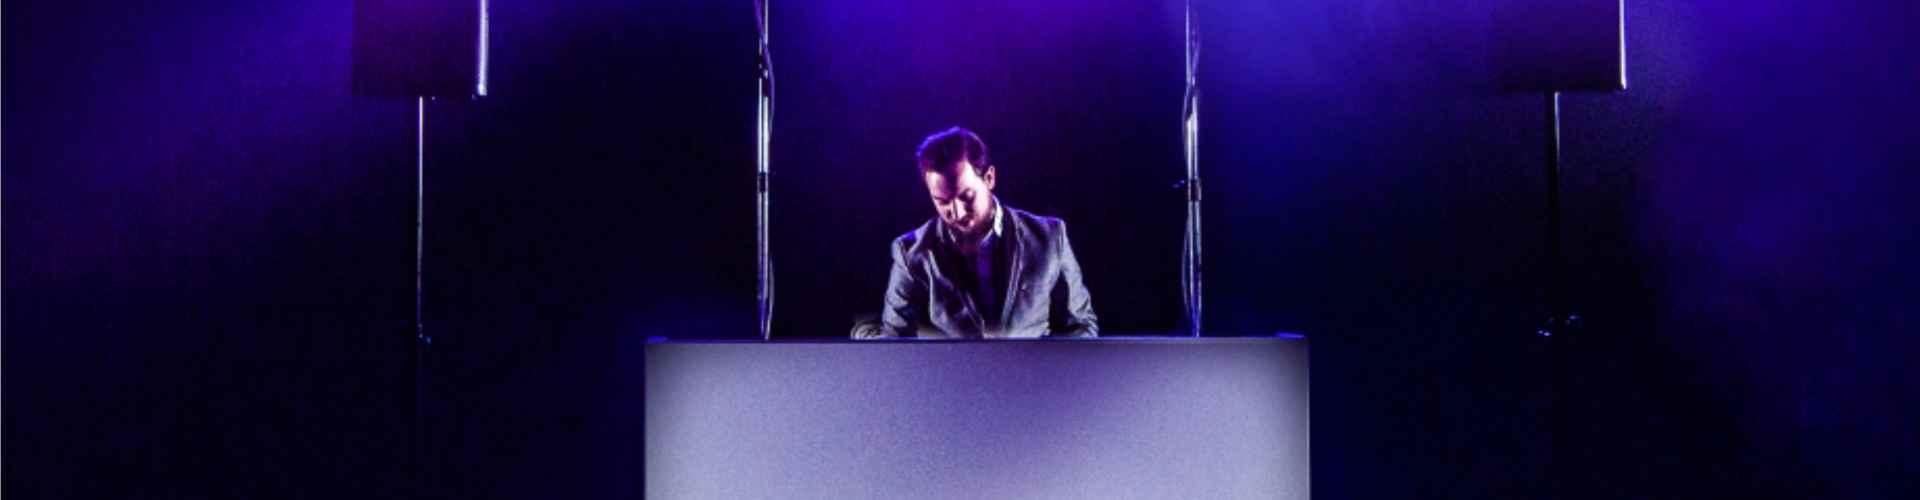 Betaalbare dj show huren met de flexibiliteit en garanties van Ambitious